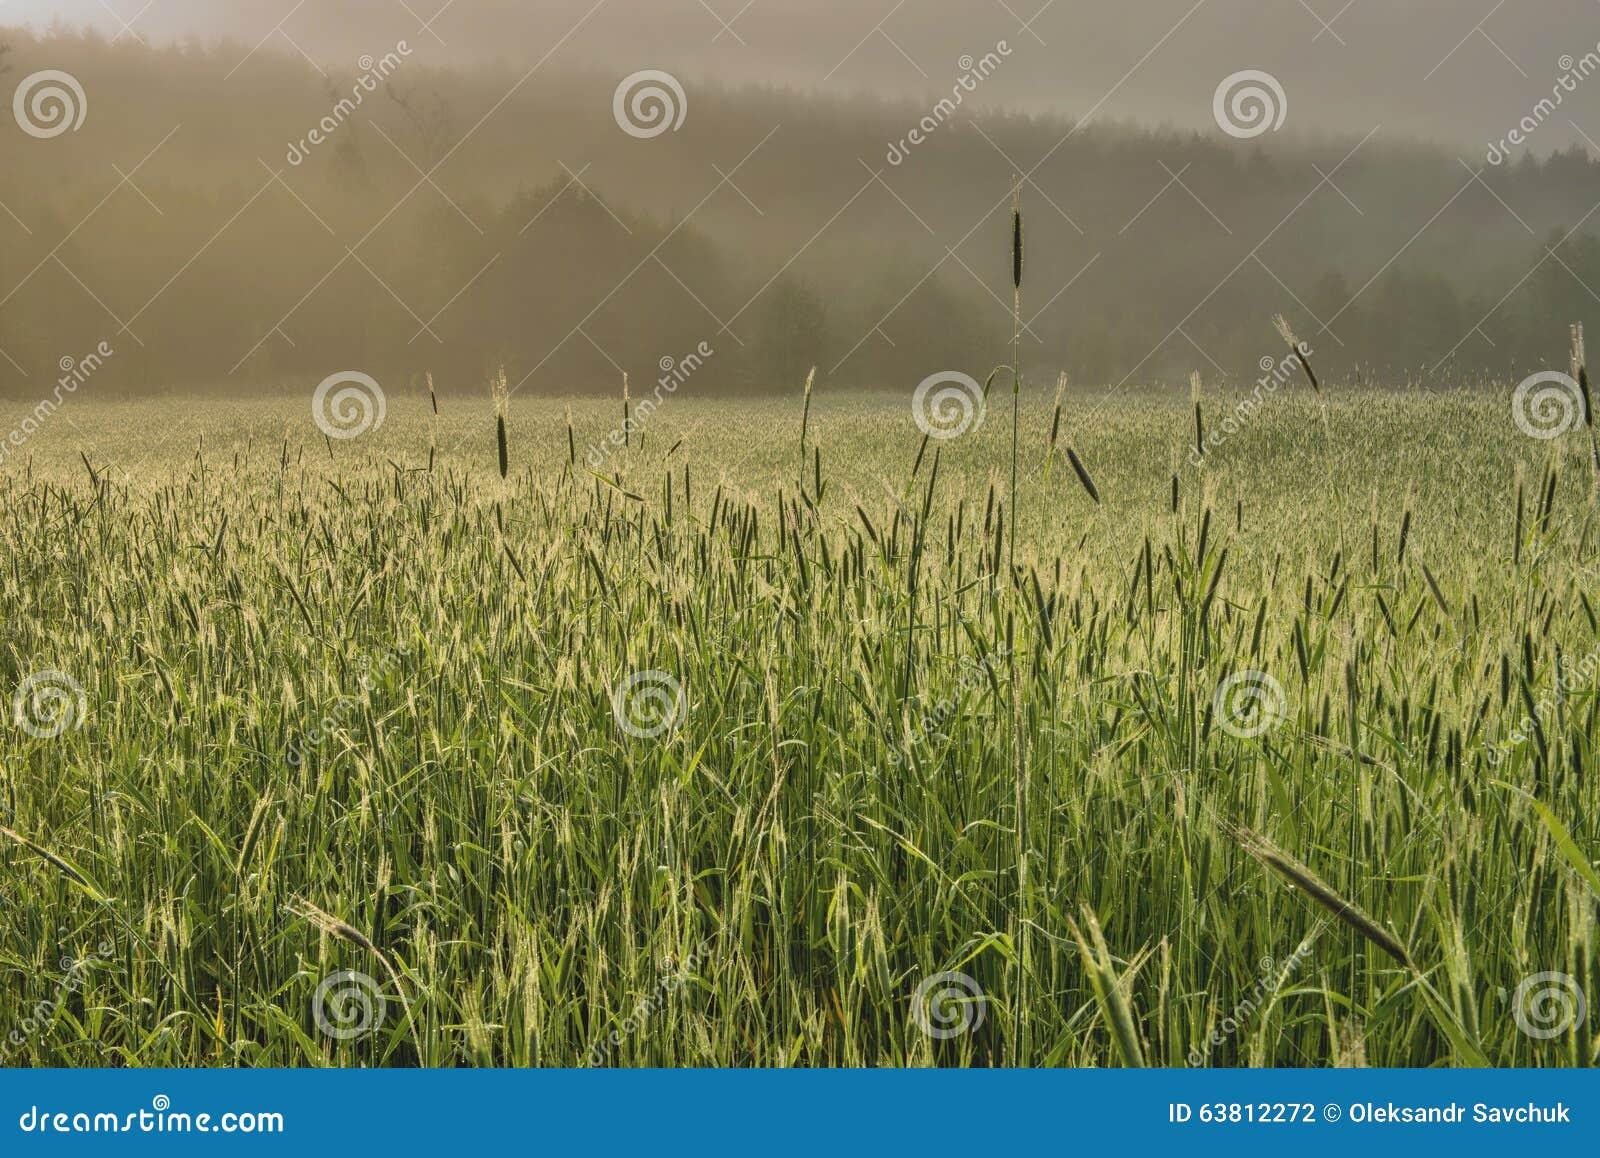 Dimmig morgon i ett vetefält